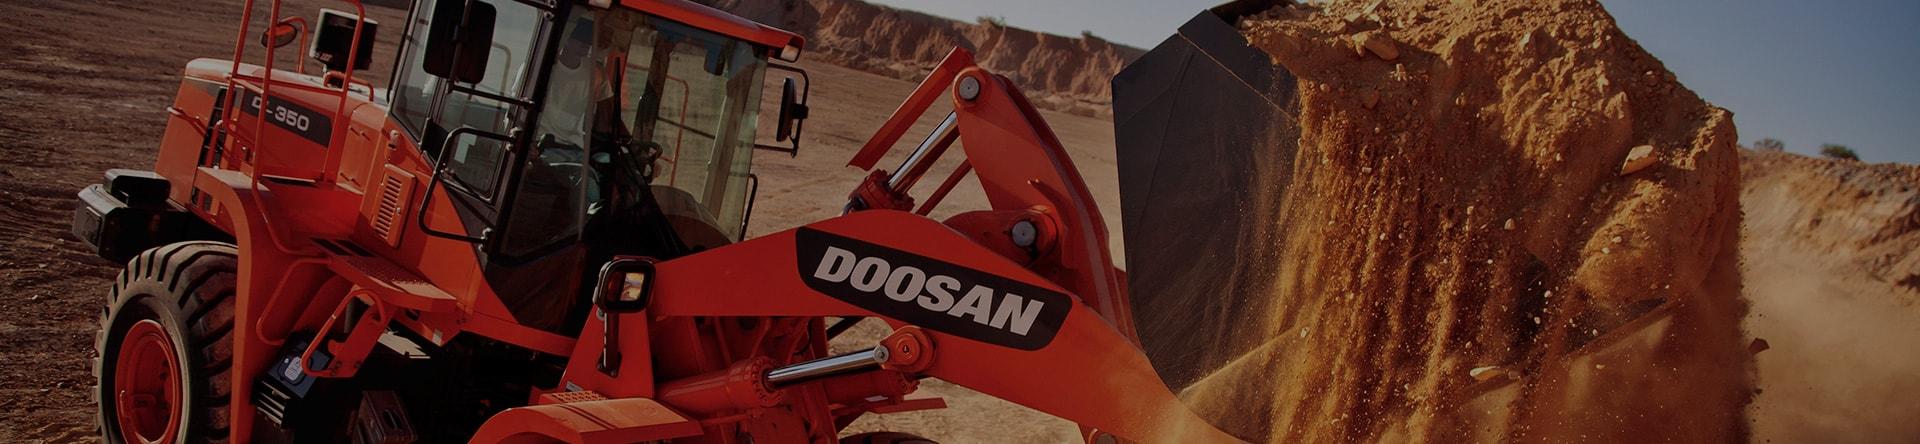 Peças Doosan